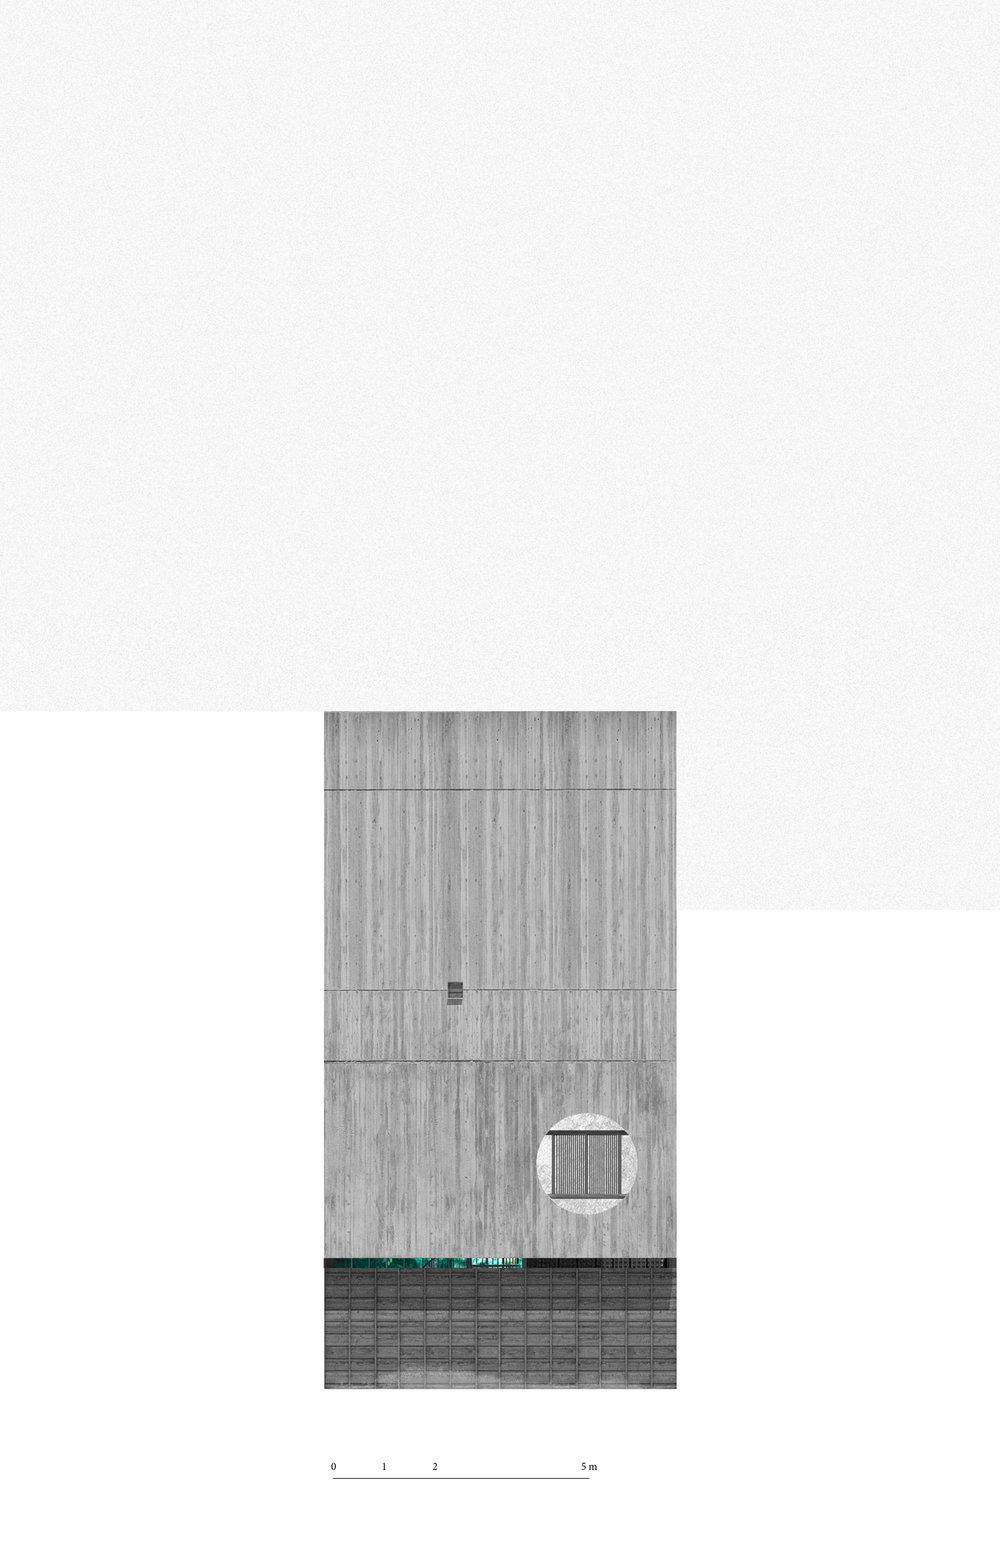 El diseño de la casa hace uso de una sola estructura de concreto intersectada por tapancos de madera y acero para dar la apariencia de un espacio industrial. El programa se genera alrededor de dos espacios verdes: el patio trasero con un árbol de mango existente y un patio central de triple altura que funciona como invernadero.   The design of the house makes use of a single concrete structure with wooden and steel elements to give the appearance of an industrial space. The program is generated around two green spaces: the backyard with an existing mango tree and a central triple height greenhouse.